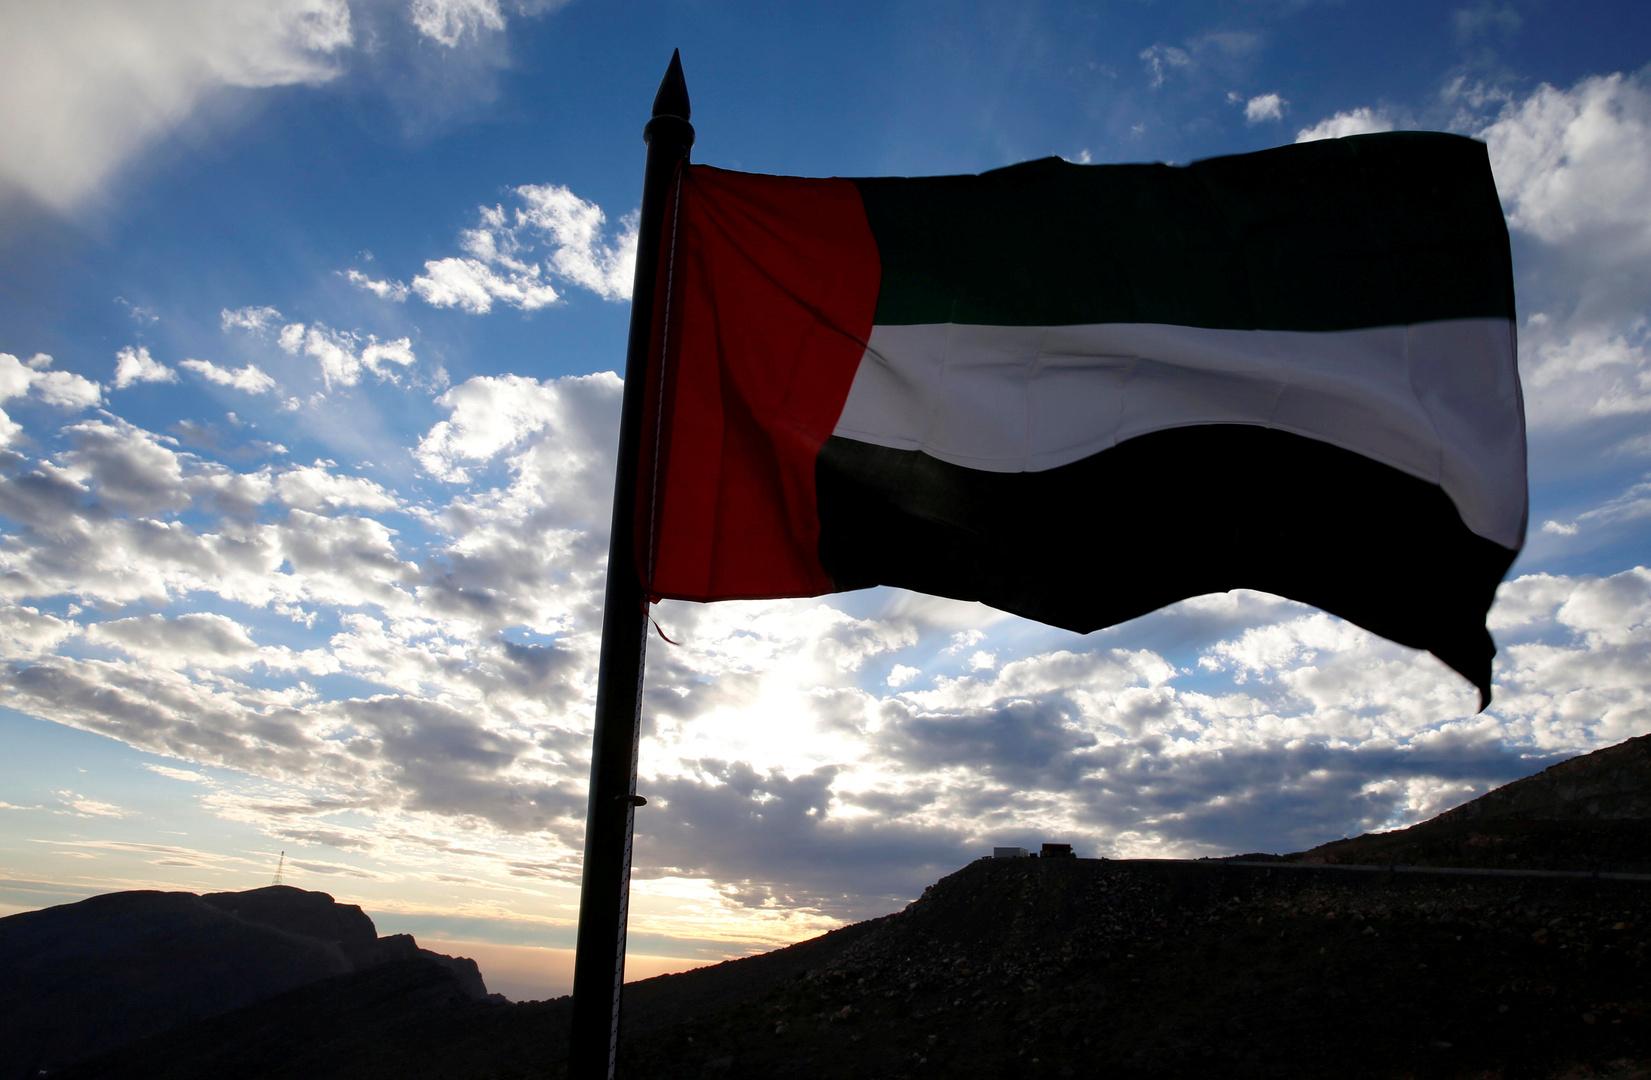 الخارجية الإماراتية تستدعي سفير بيروت بعد